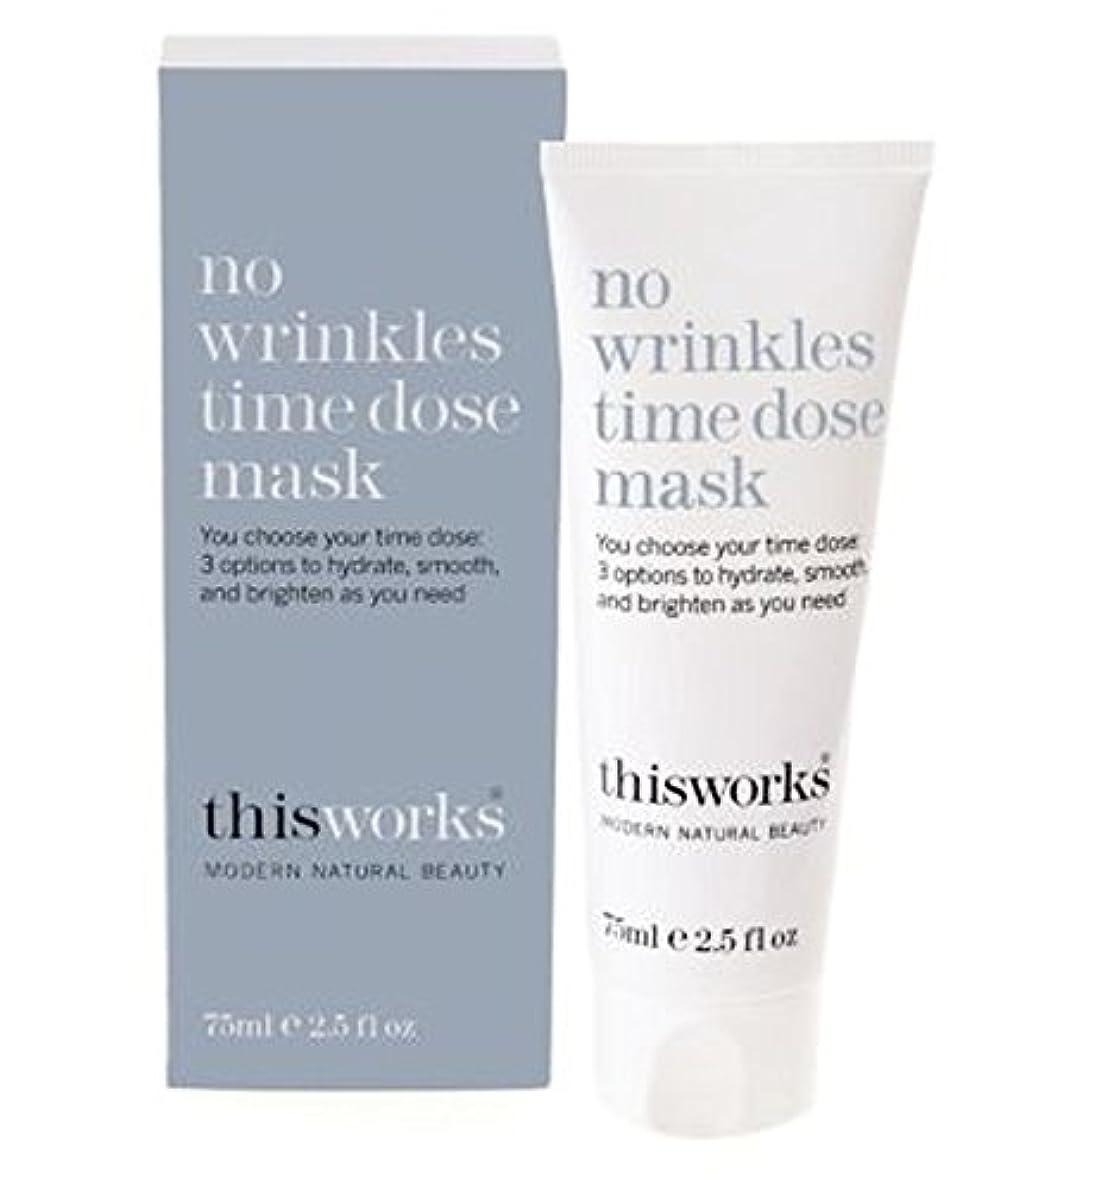 発信ノミネートプロポーショナルThis Works No Wrinkles Time Dose Mask 75ml - これにはしわ時間線量マスクの75ミリリットルの作品はありません (This Works) [並行輸入品]